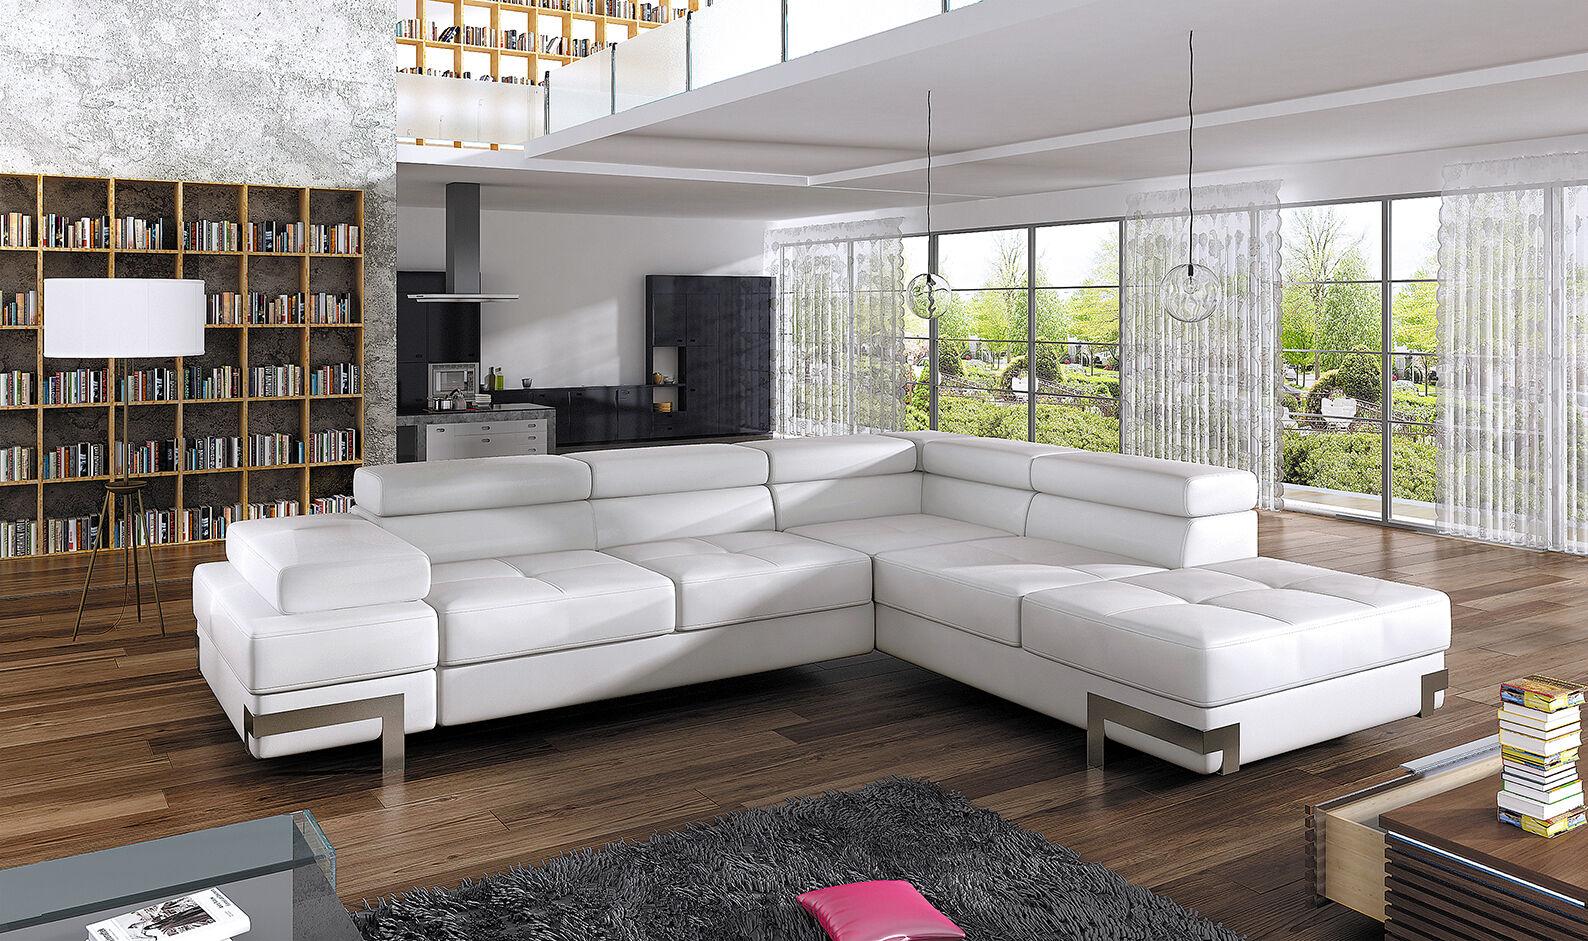 Geräumig Eckcouch Schlaffunktion Ideen Von Couchgarnitur Emporio Sofa Couch Polsterecke Ecksofa 1